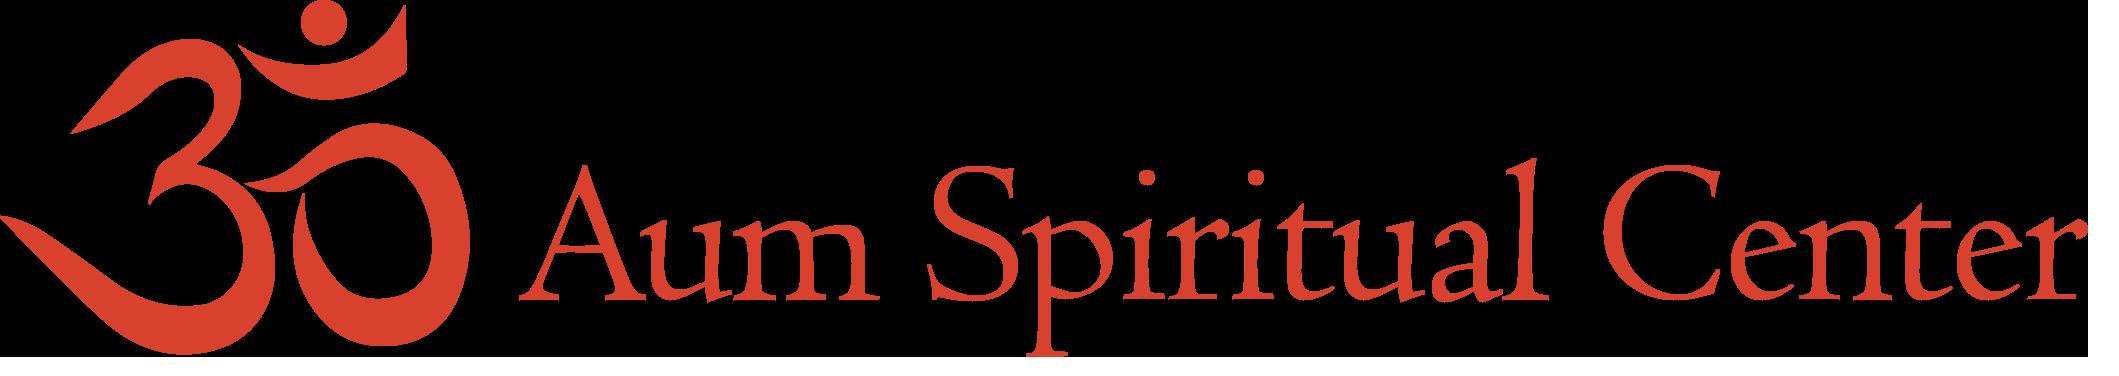 Aum Spiritual Center logo